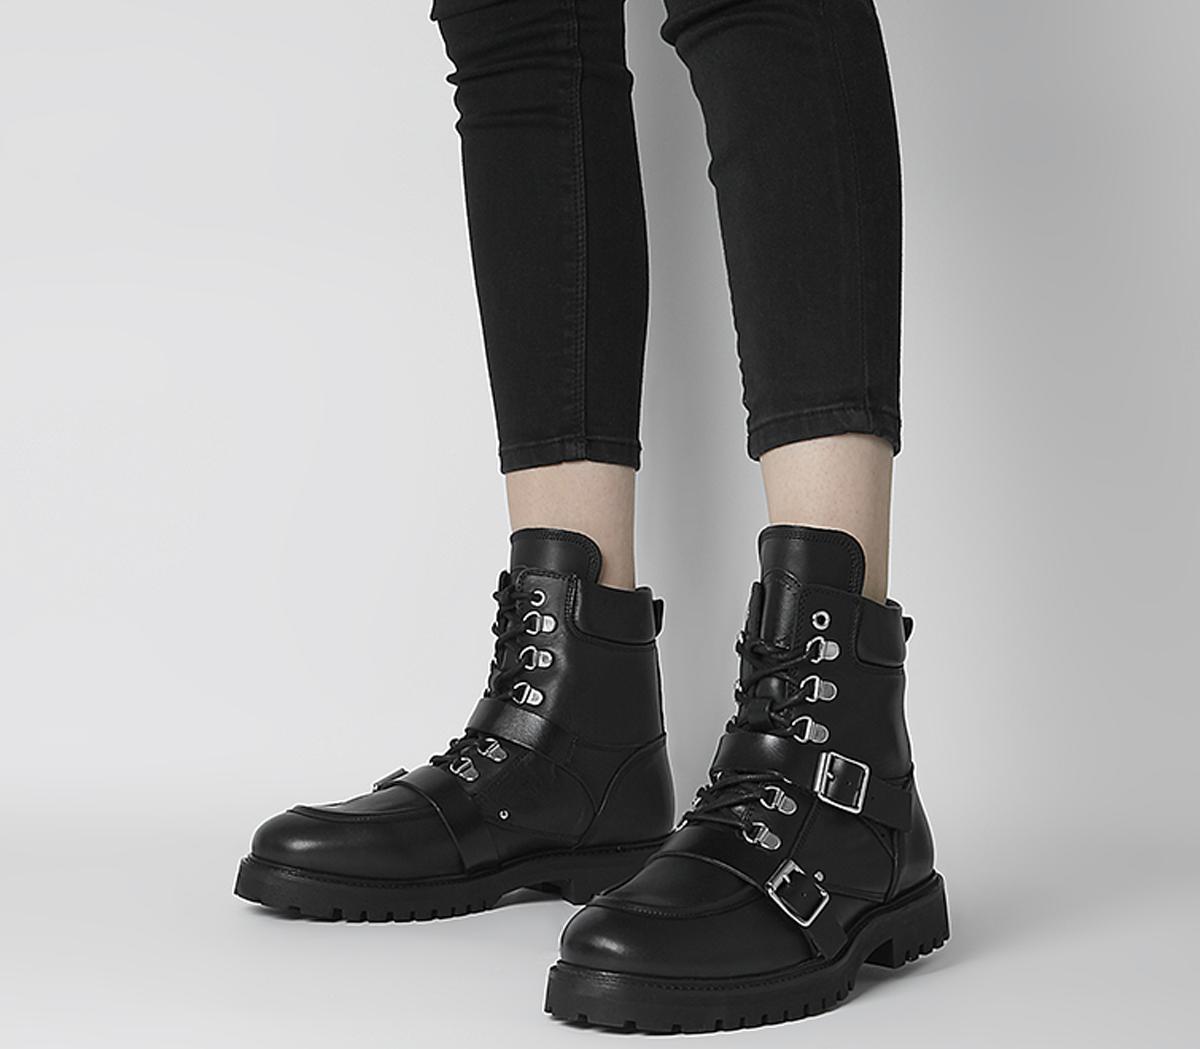 All Saints Noa Boots Black - Ankle Boots